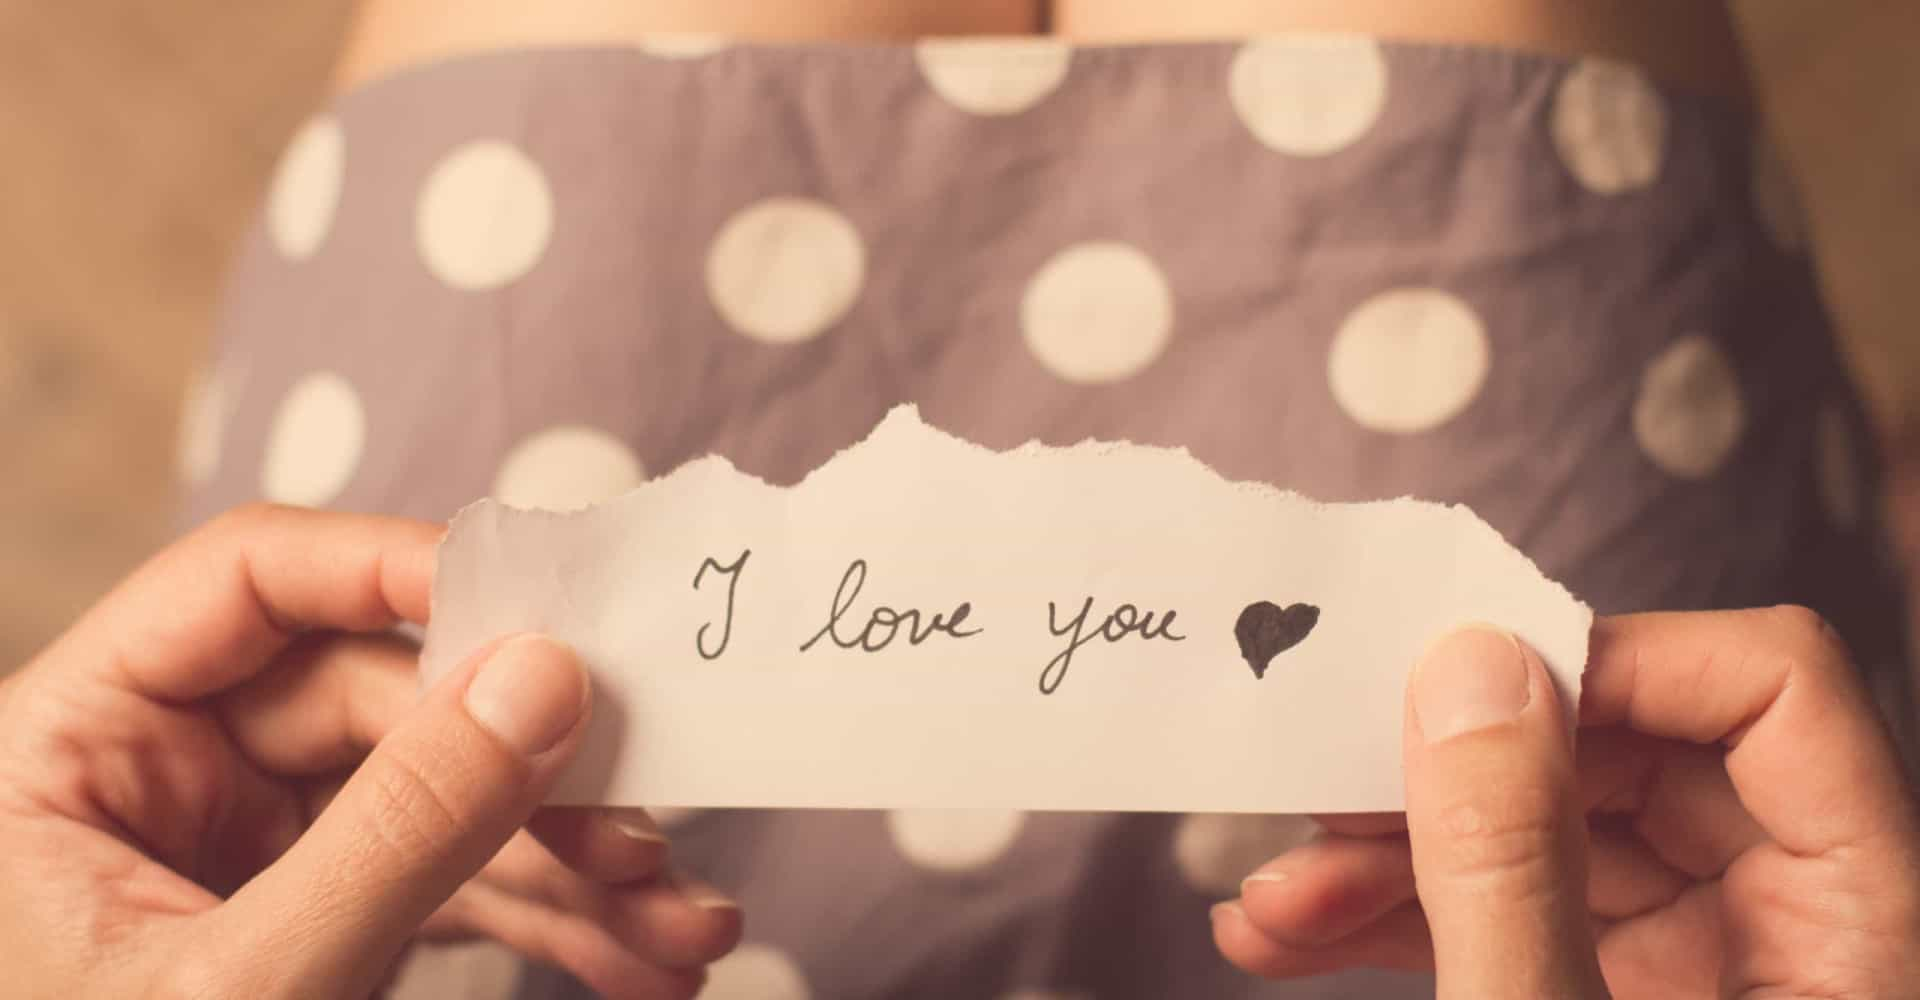 Wanneer is het te vroeg om 'Ik hou van je' te zeggen?